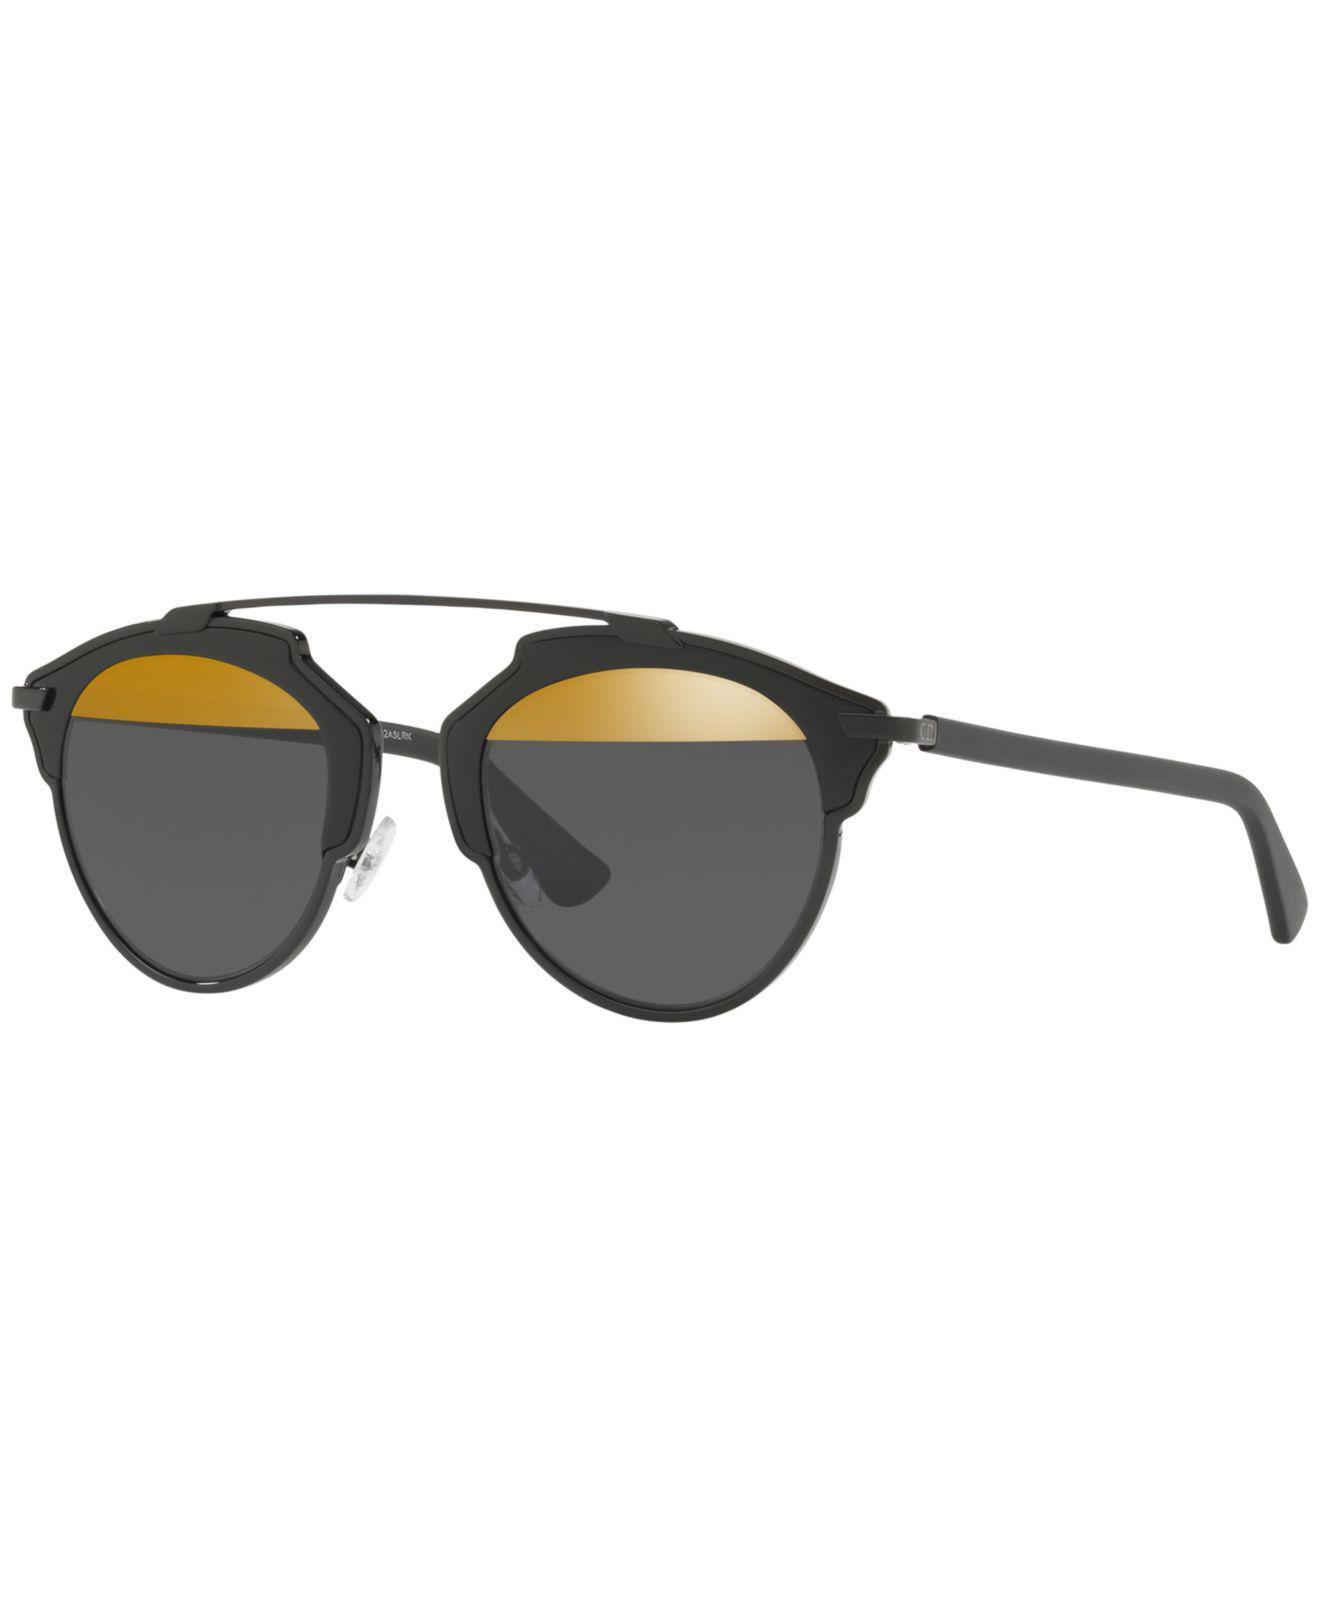 c1a99e6e38e Dior. Women s Black Sunglasses ...